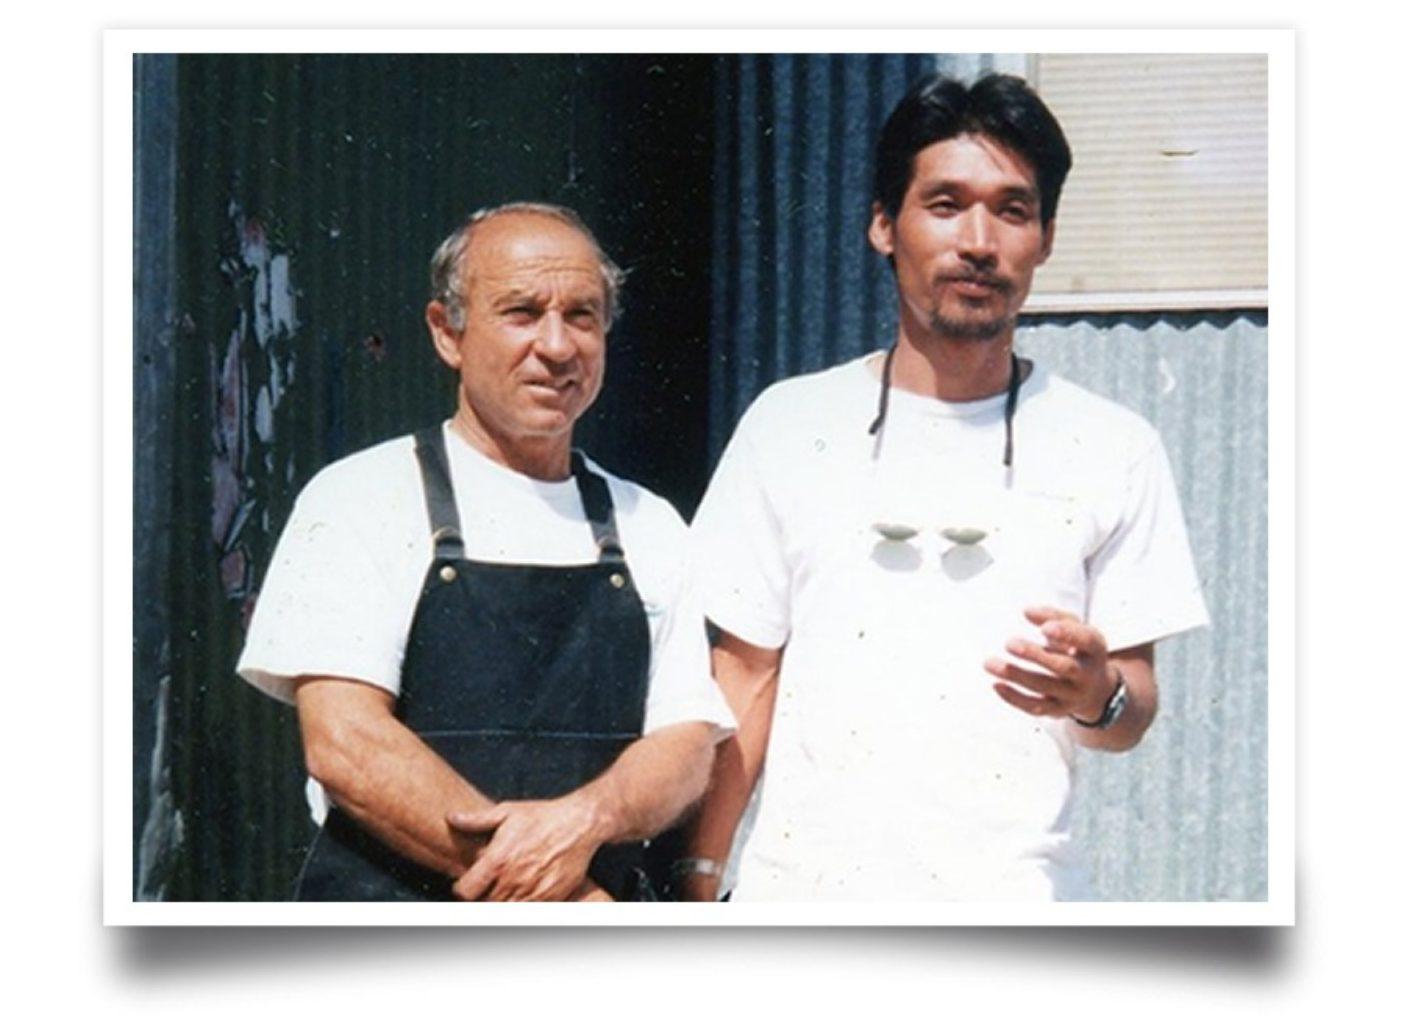 創業者イヴォン・シュイナード(左)と坂口信司さん(右)。カリフォルニア州ベンチュラのパタゴニアのオフィス前で。写真に印刷された日付は1994年6月となっている。